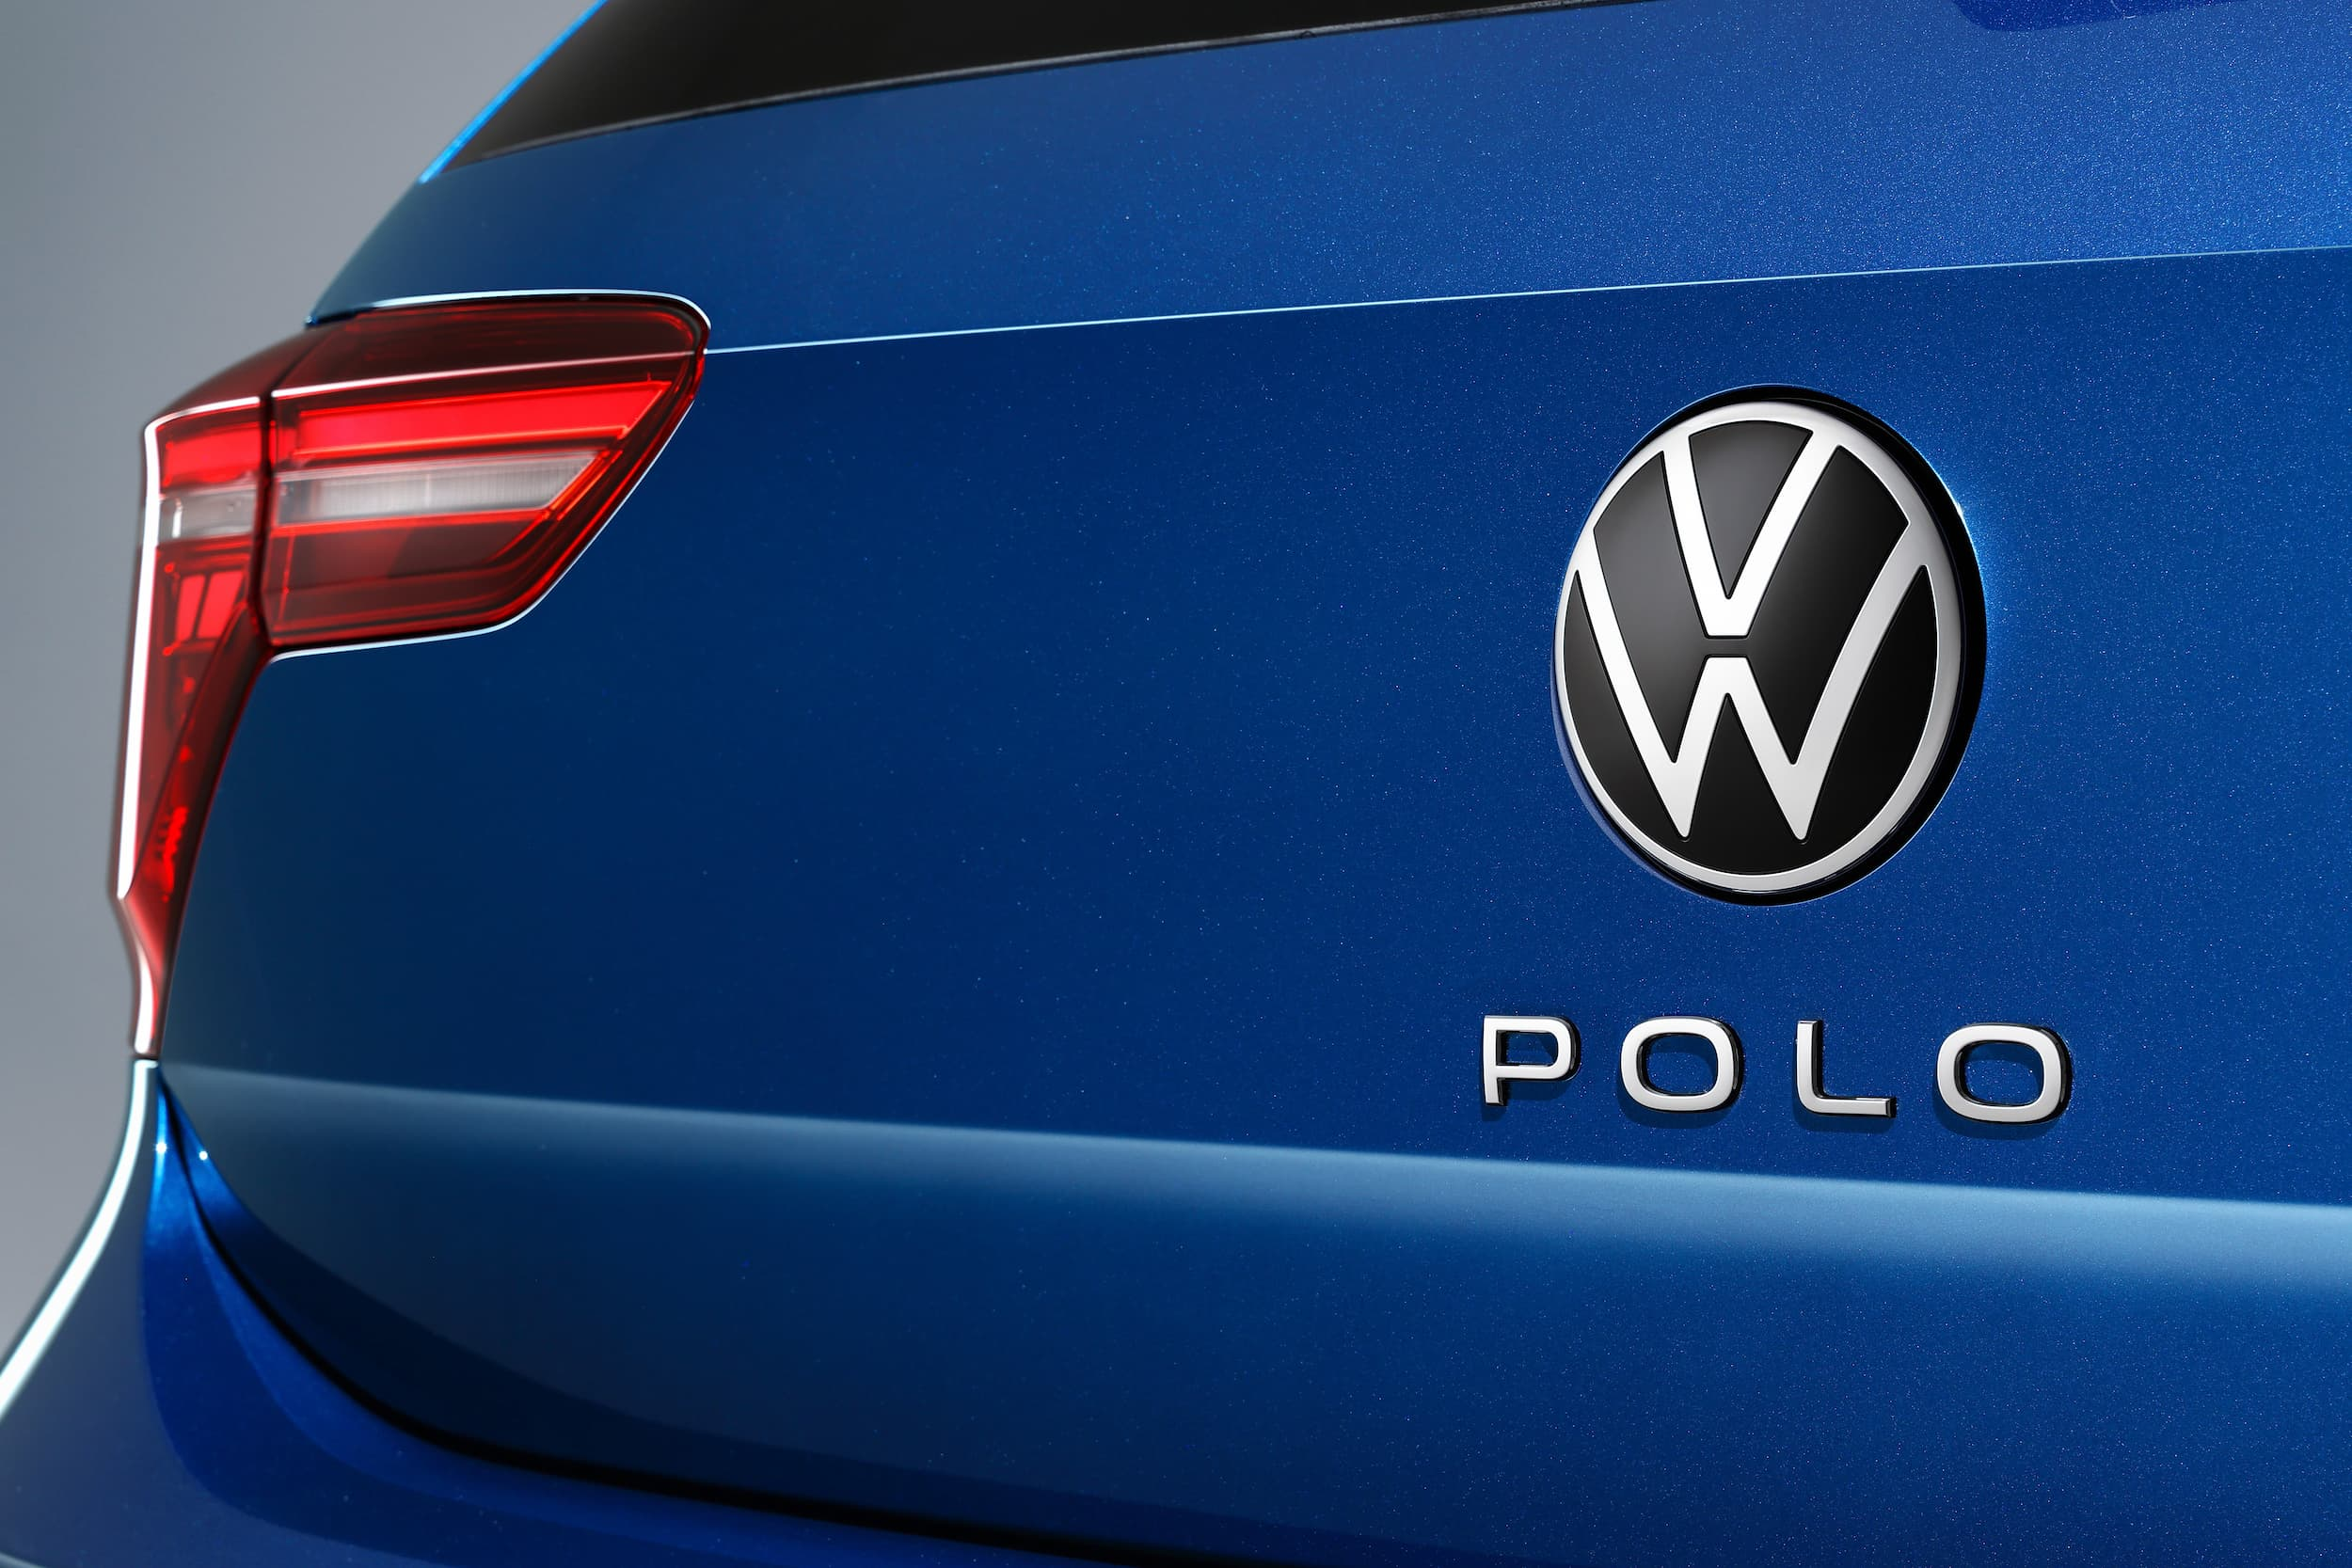 Nuevo Volkswagen Polo, uno de los primeros coches de su clase que circula de manera semiautomtica 6